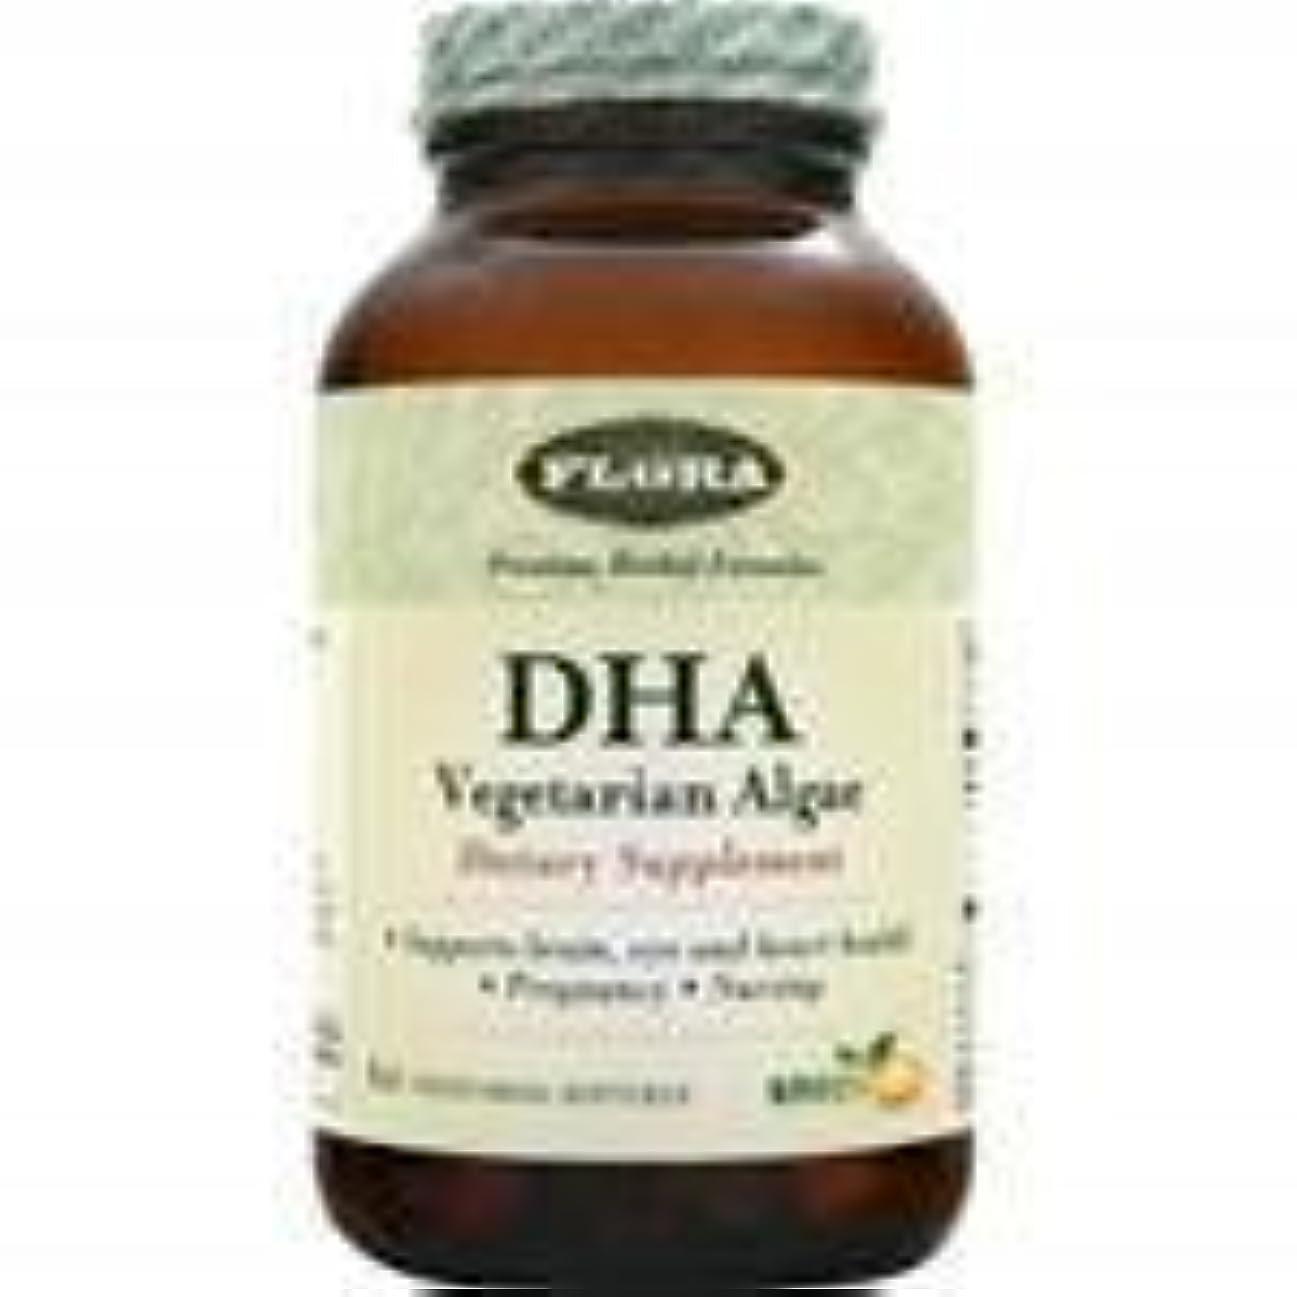 バングラデシュ品確立しますDHA - ベジタリアン藻類 60 ソフトジェル 2個パック